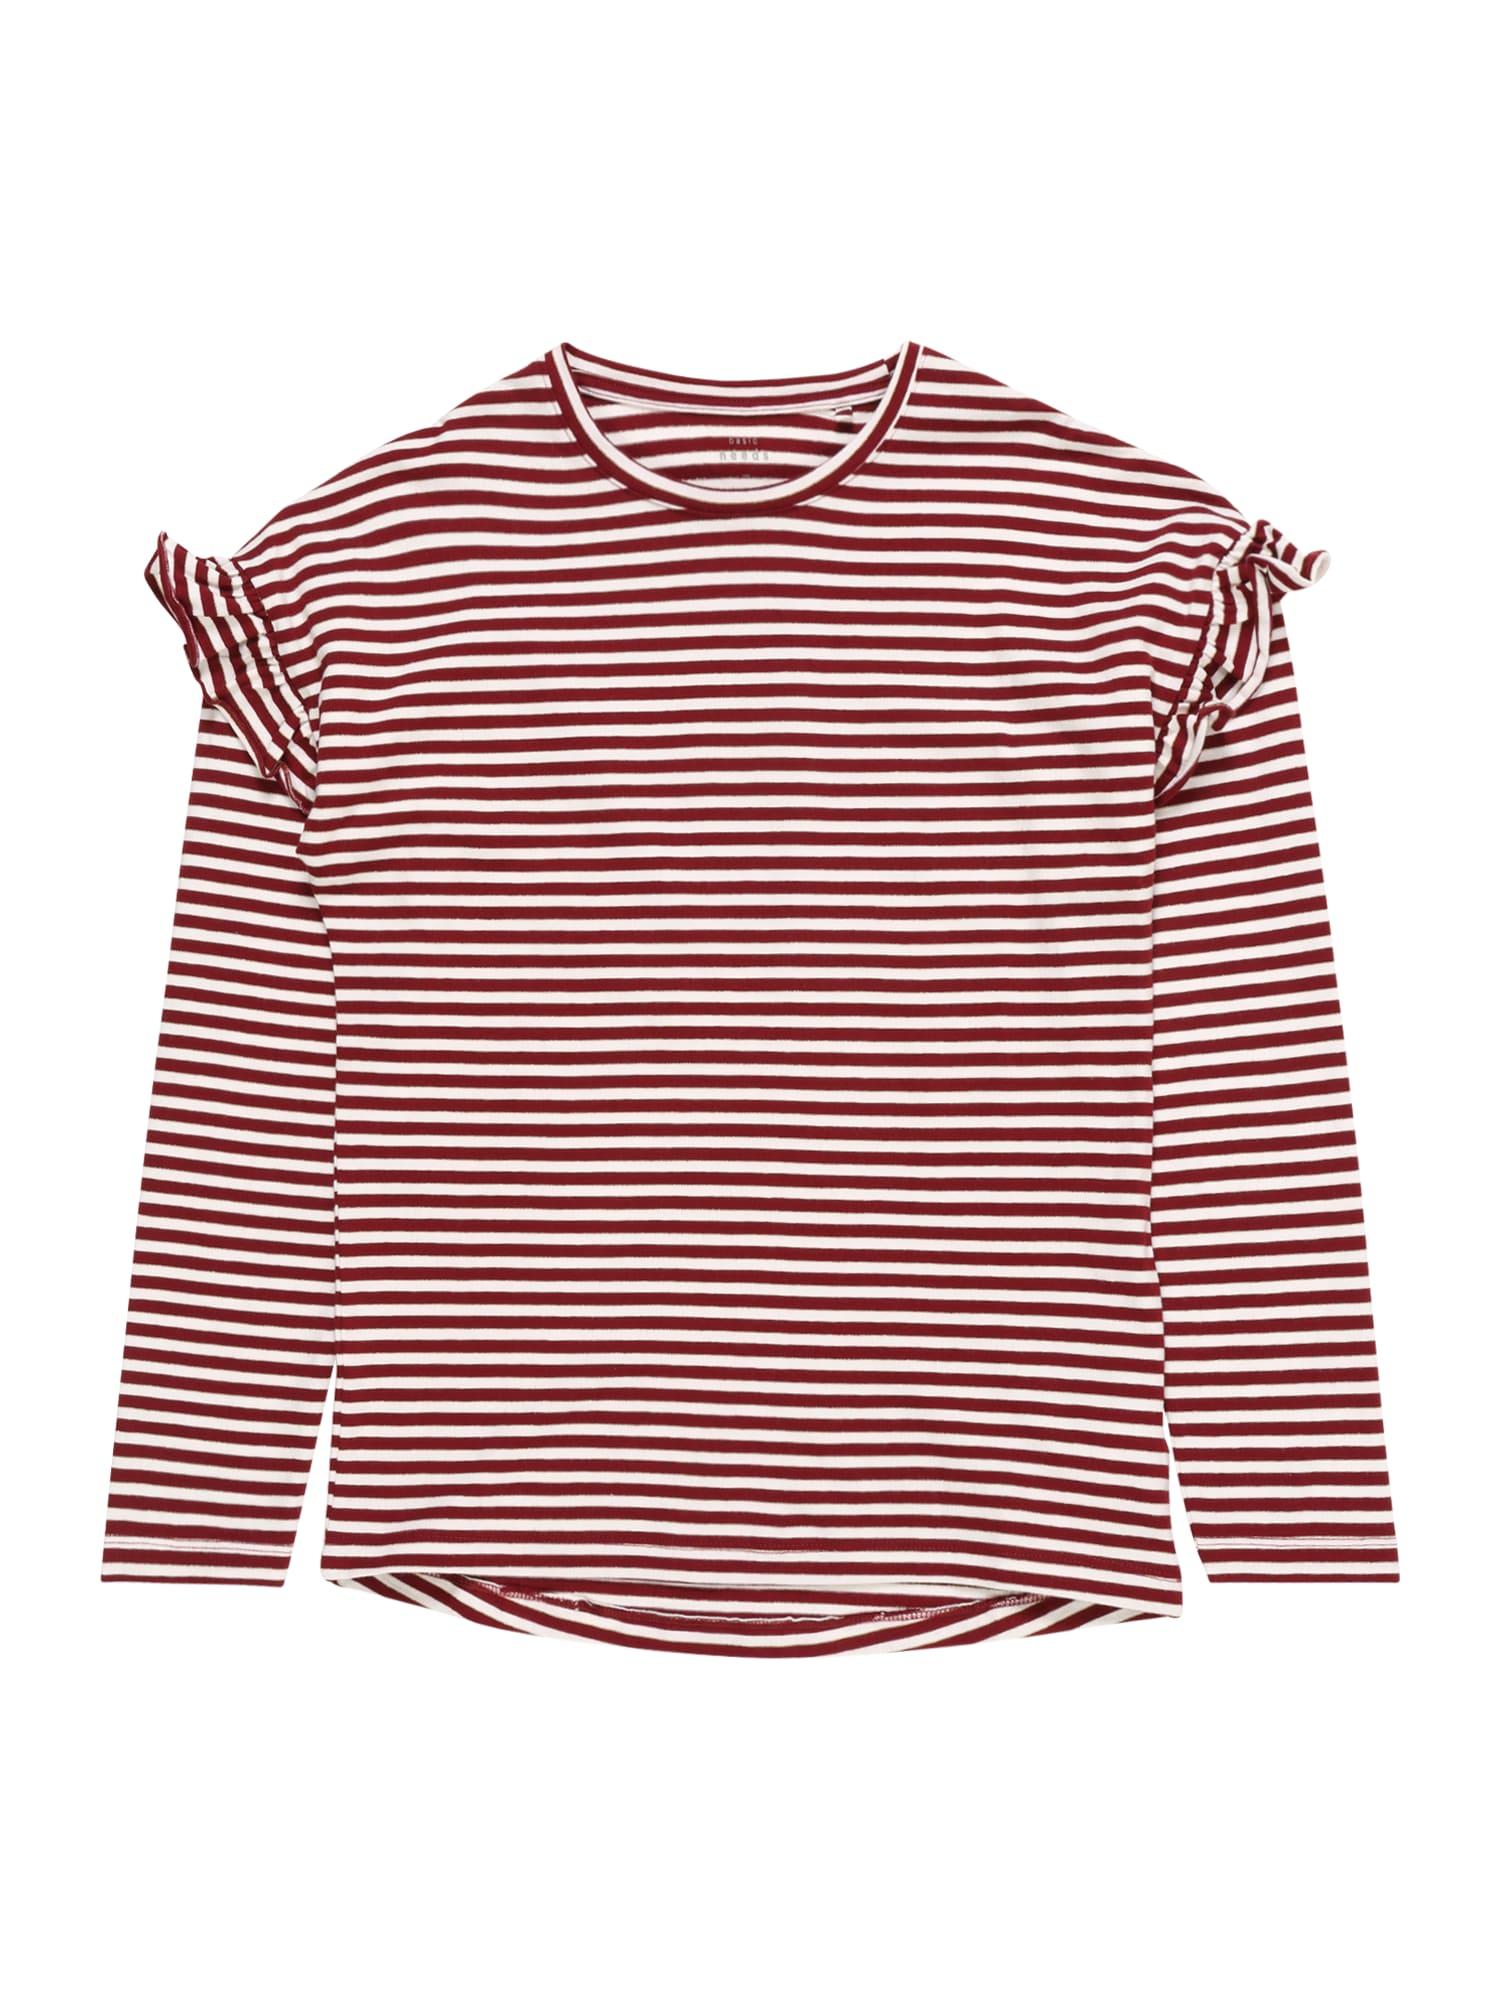 NAME IT Marškinėliai 'NKFVERDI' vyno raudona spalva / balta